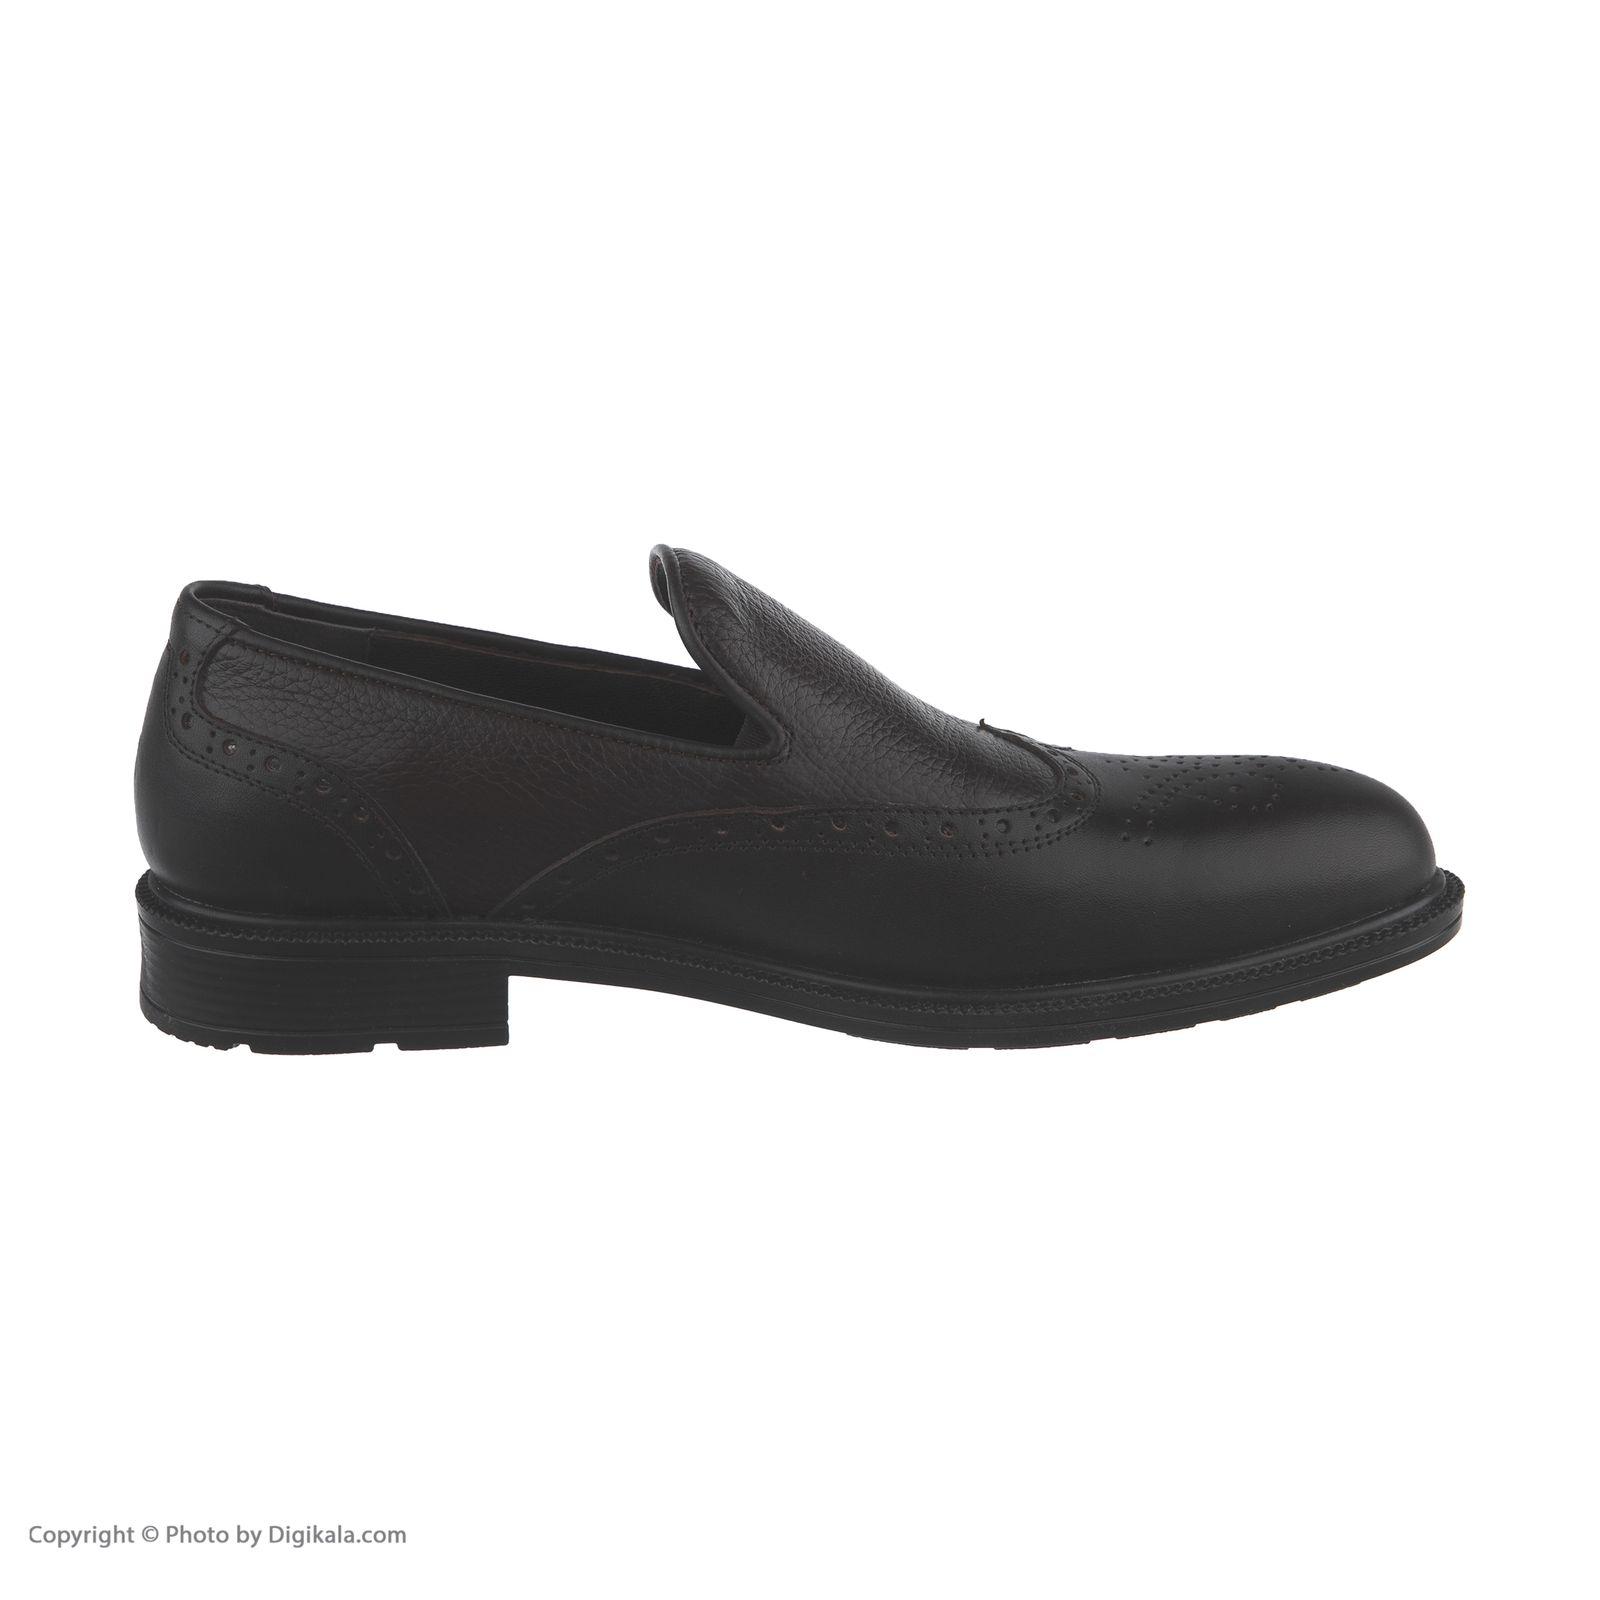 کفش مردانه بلوط مدل 7295A503104 -  - 4